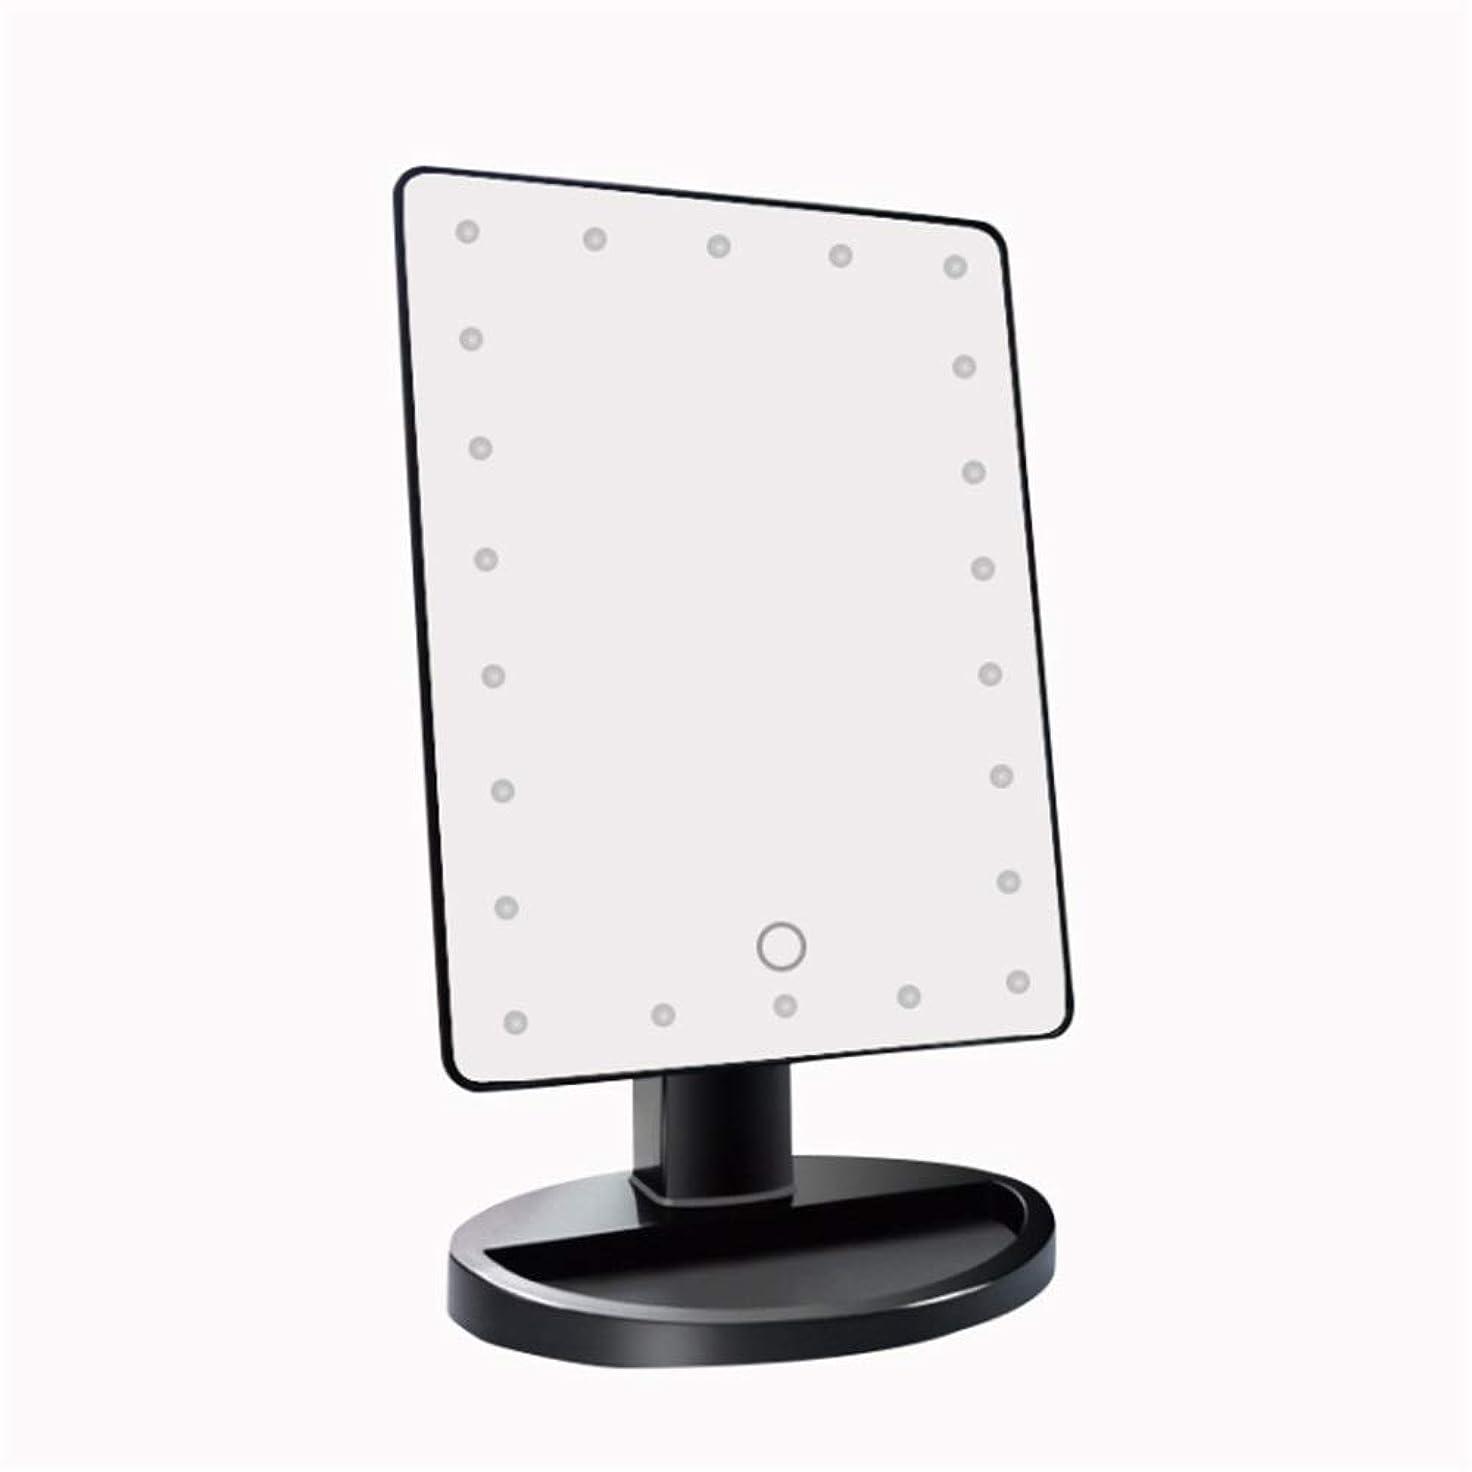 パースのれんドリンク化粧鏡 180°の調節可能な回転を薄暗くするタッチ画面が付いているライトが付いている電池式の導かれた構造の虚栄心ミラー 化粧化粧鏡 (色 : ブラック, サイズ : Free size)